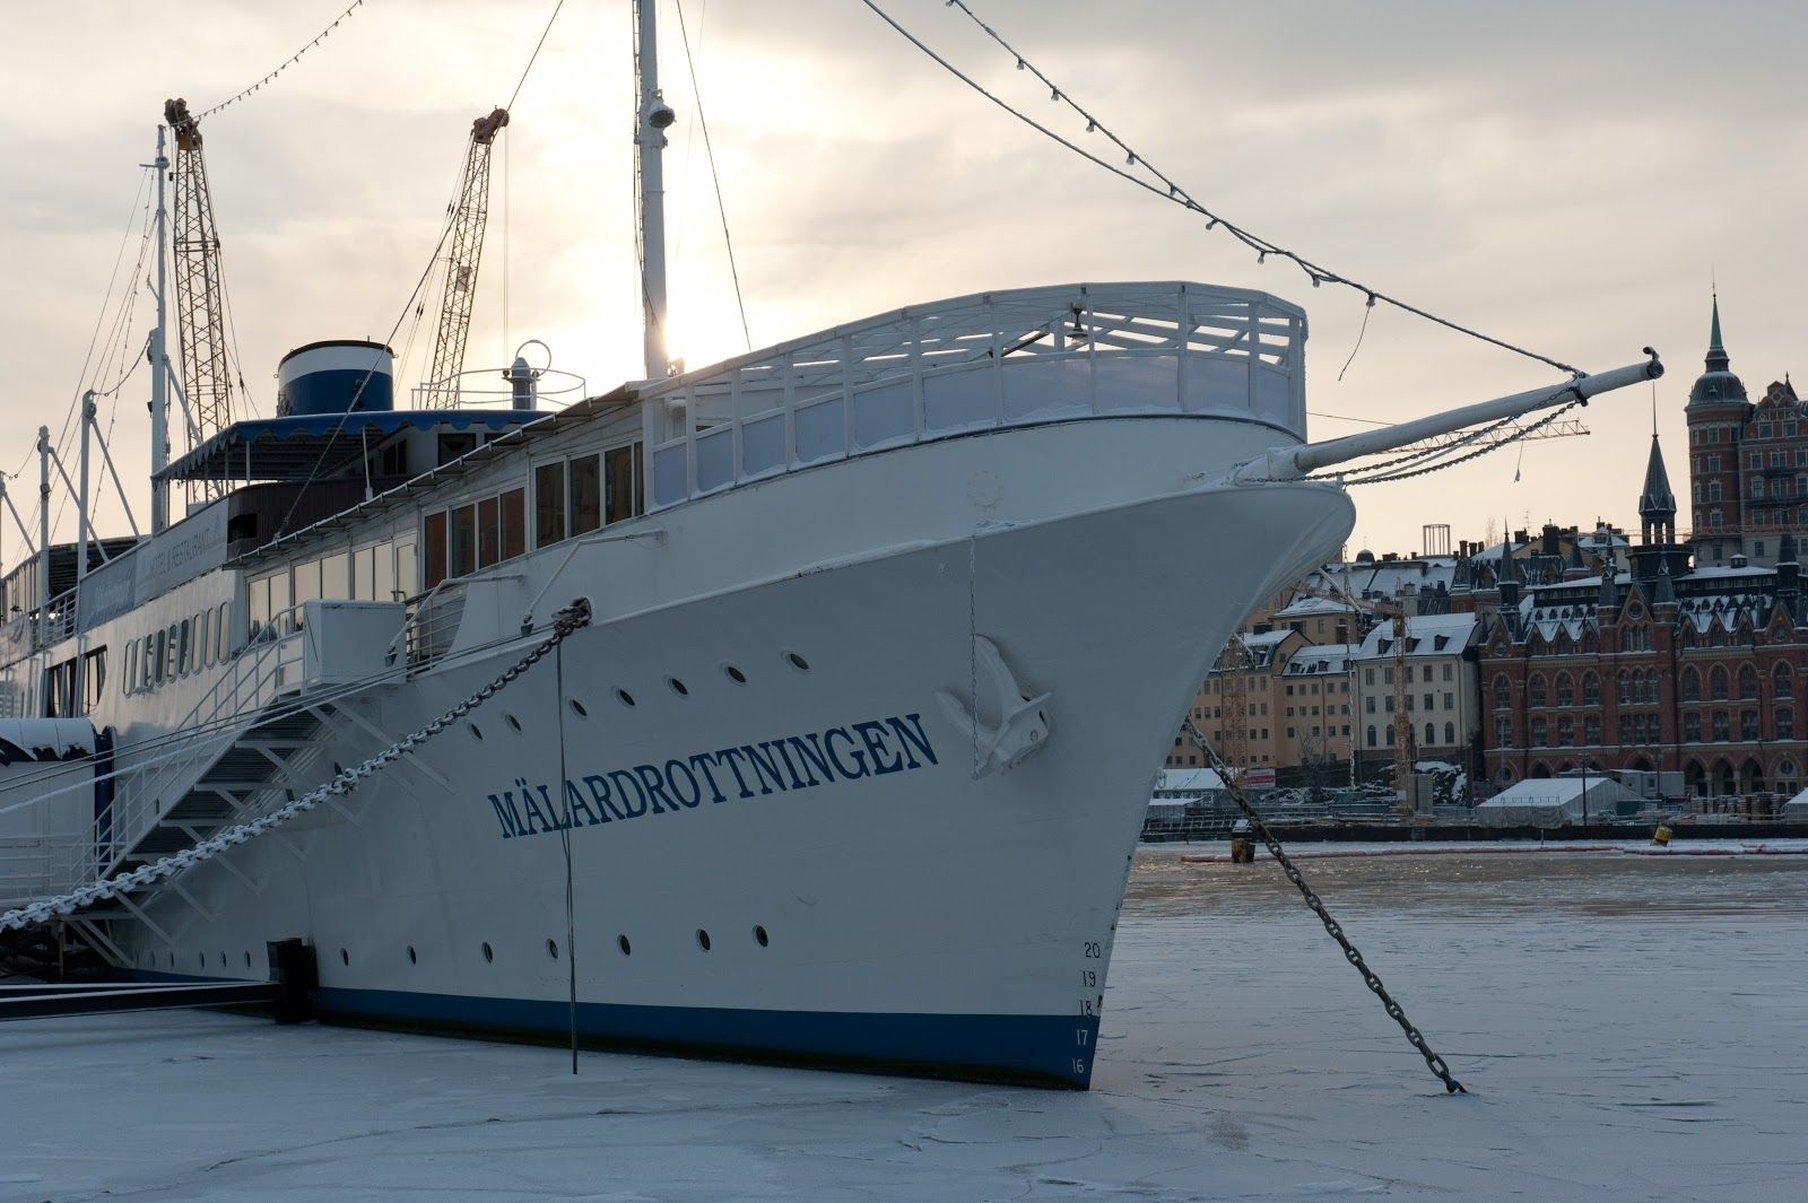 Malardrottningen Yacht Hotel and Restaurant